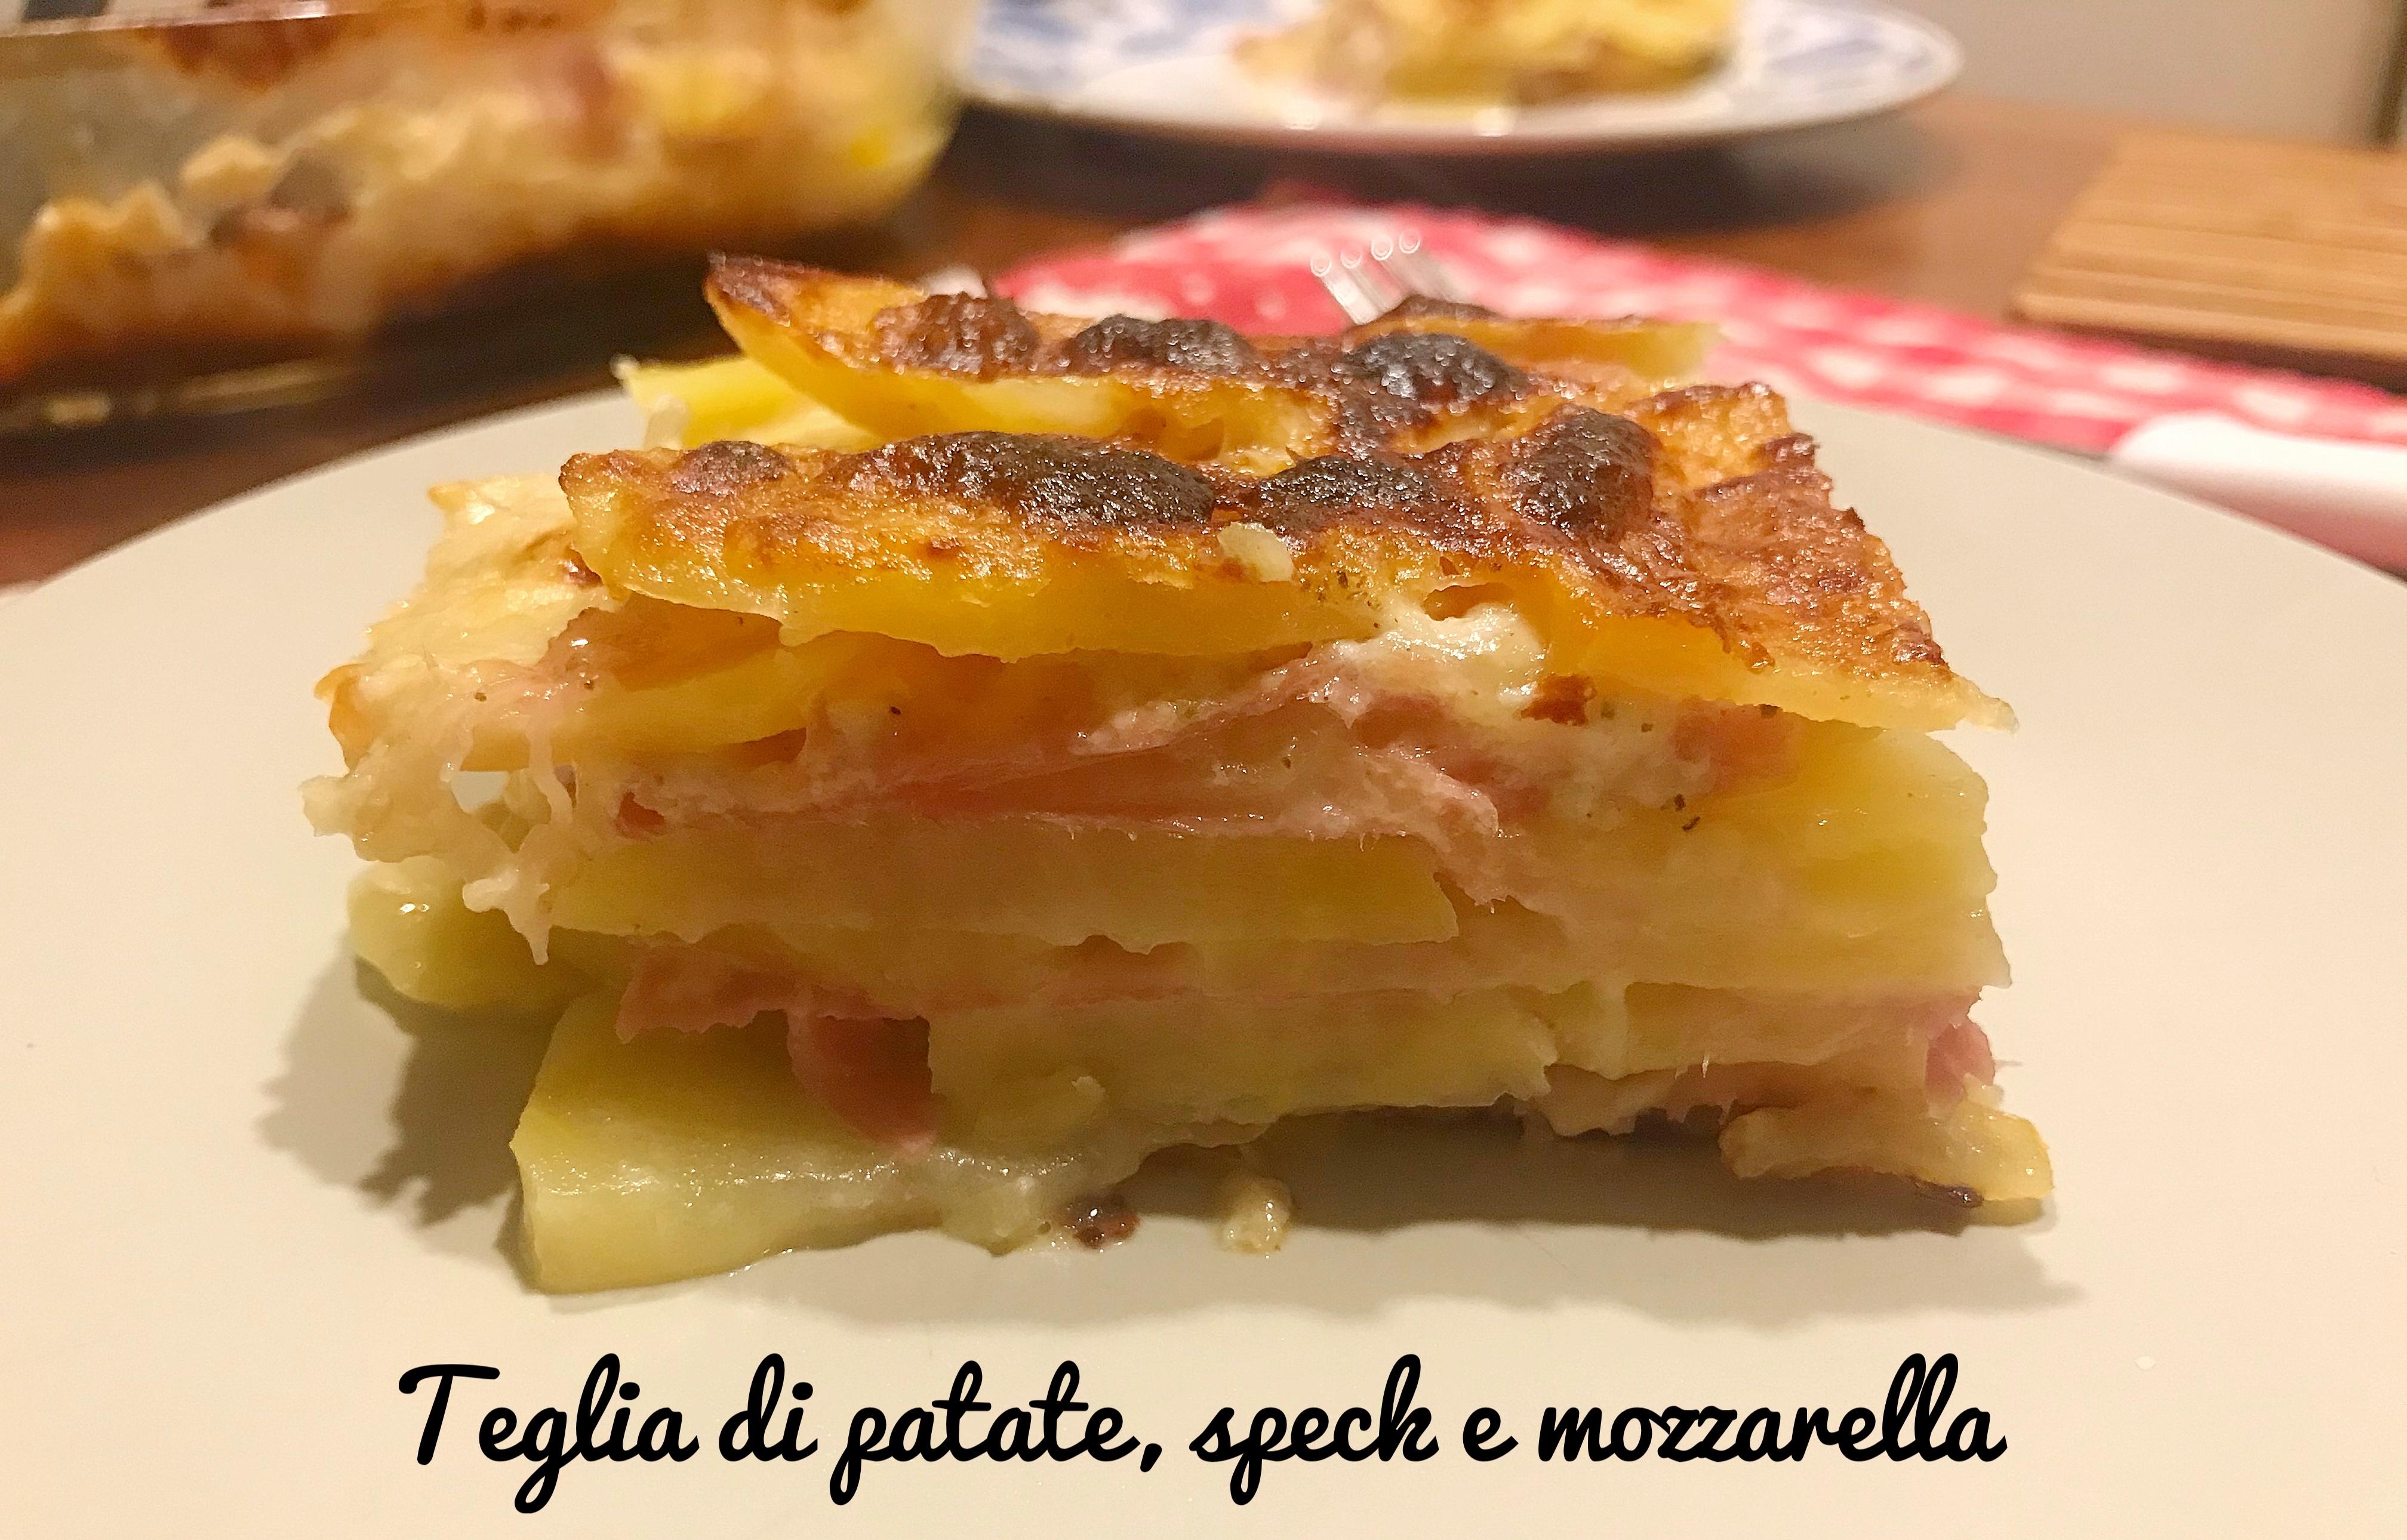 Teglia di patate, speck e mozzarella